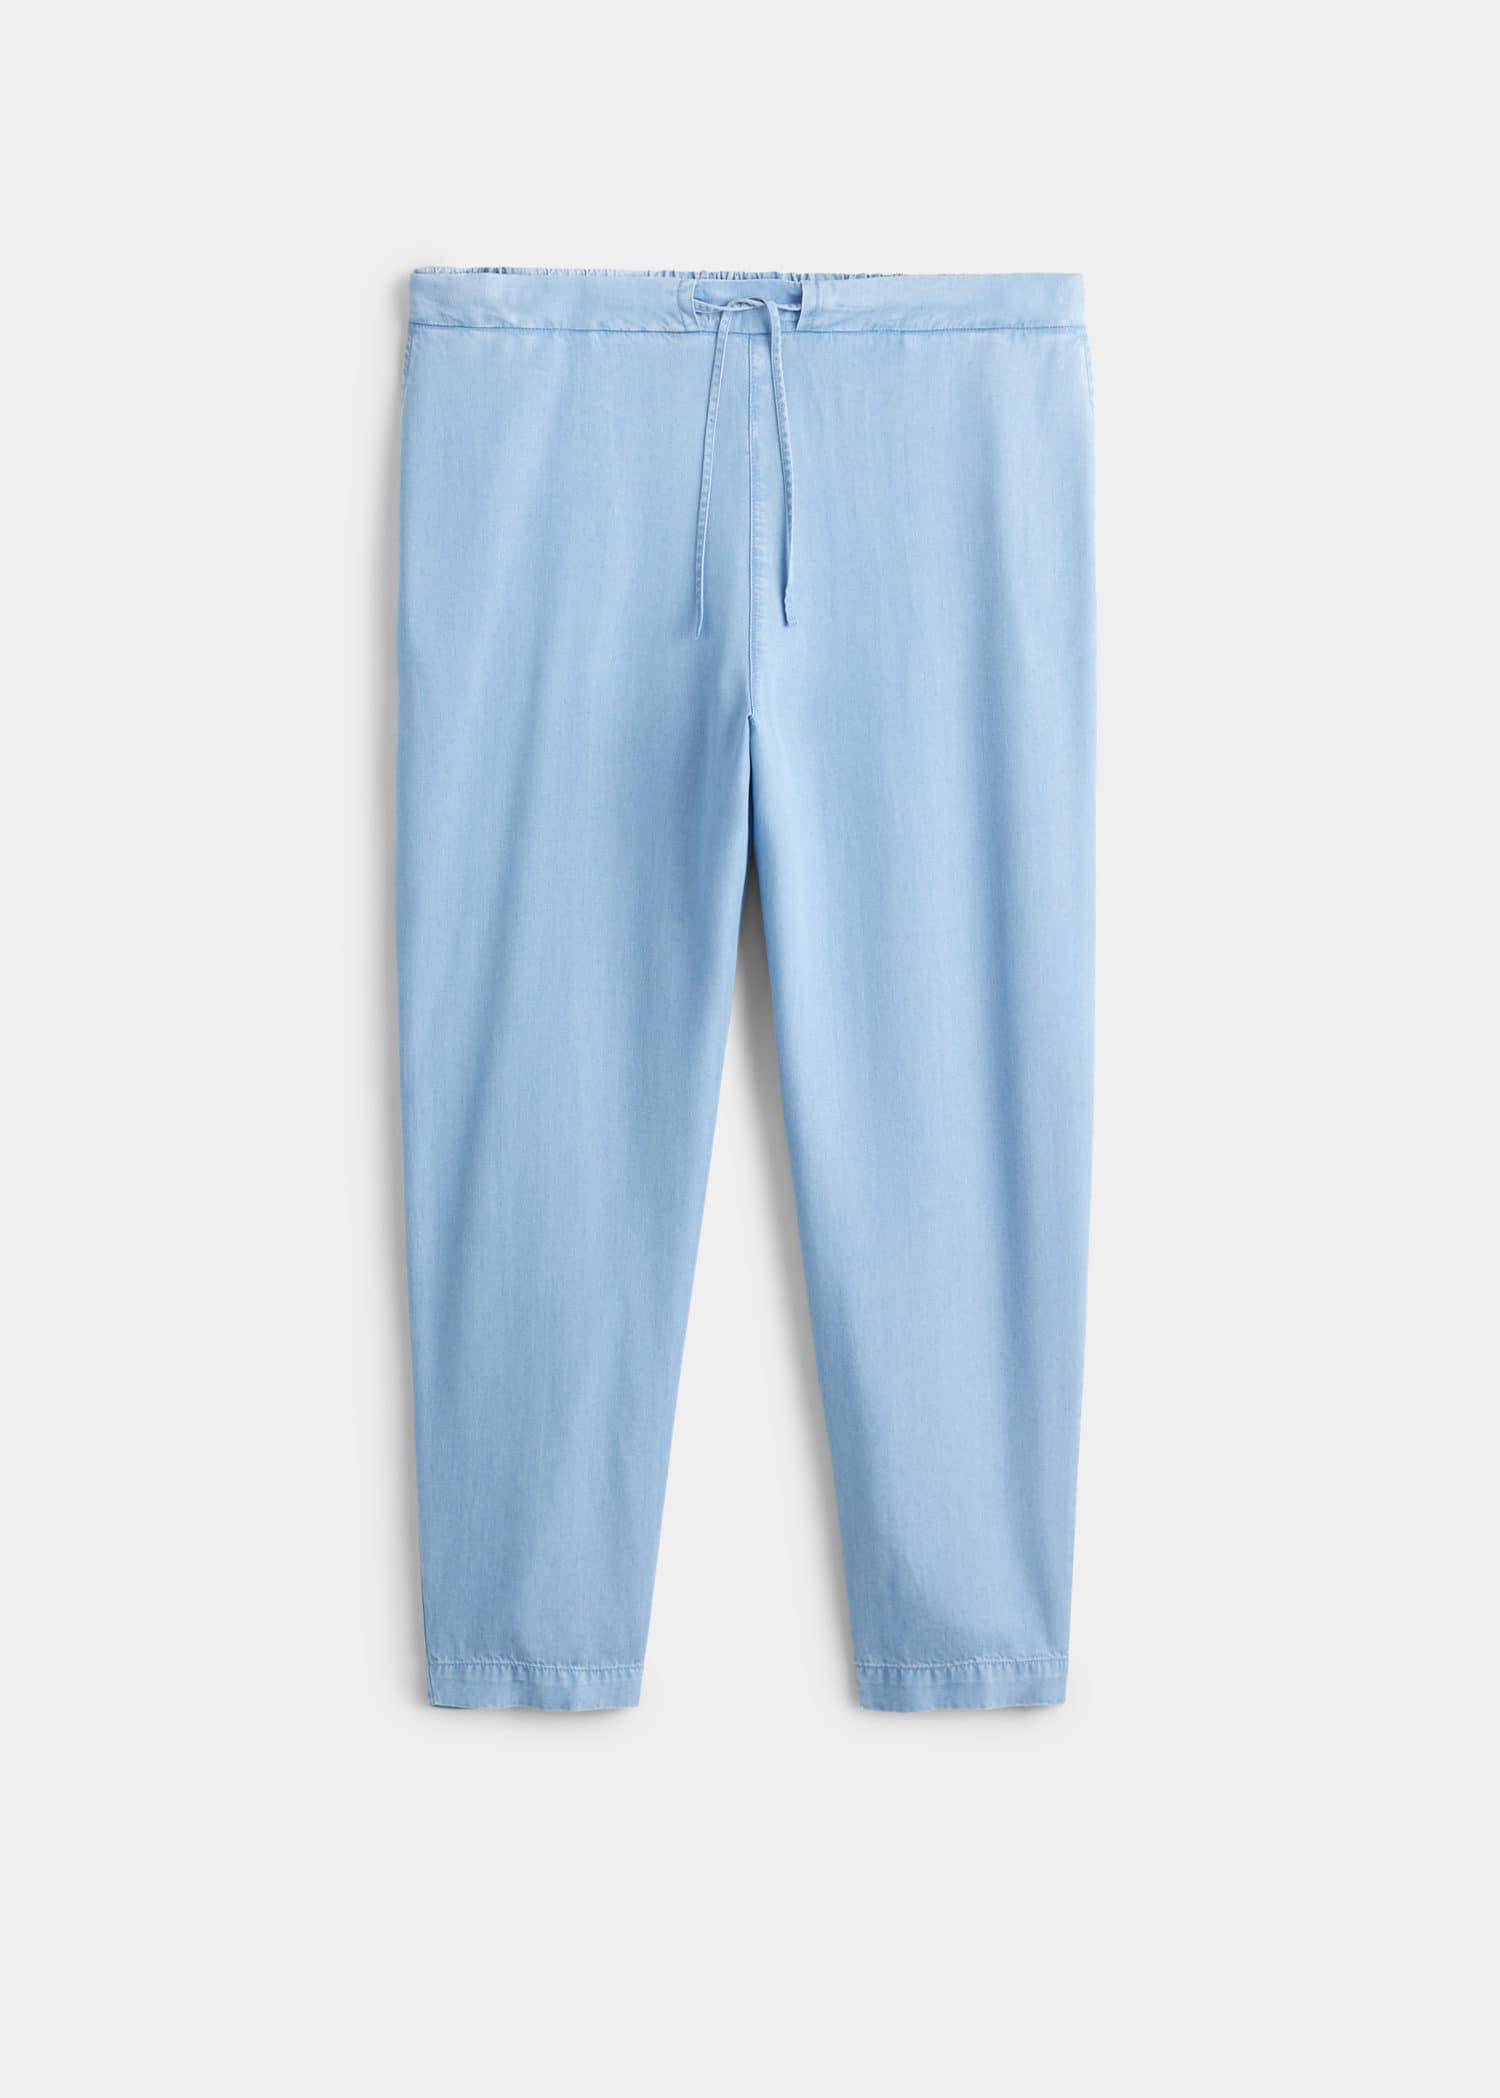 Baggy bukse med striper Store størrelser | OUTLET Norge